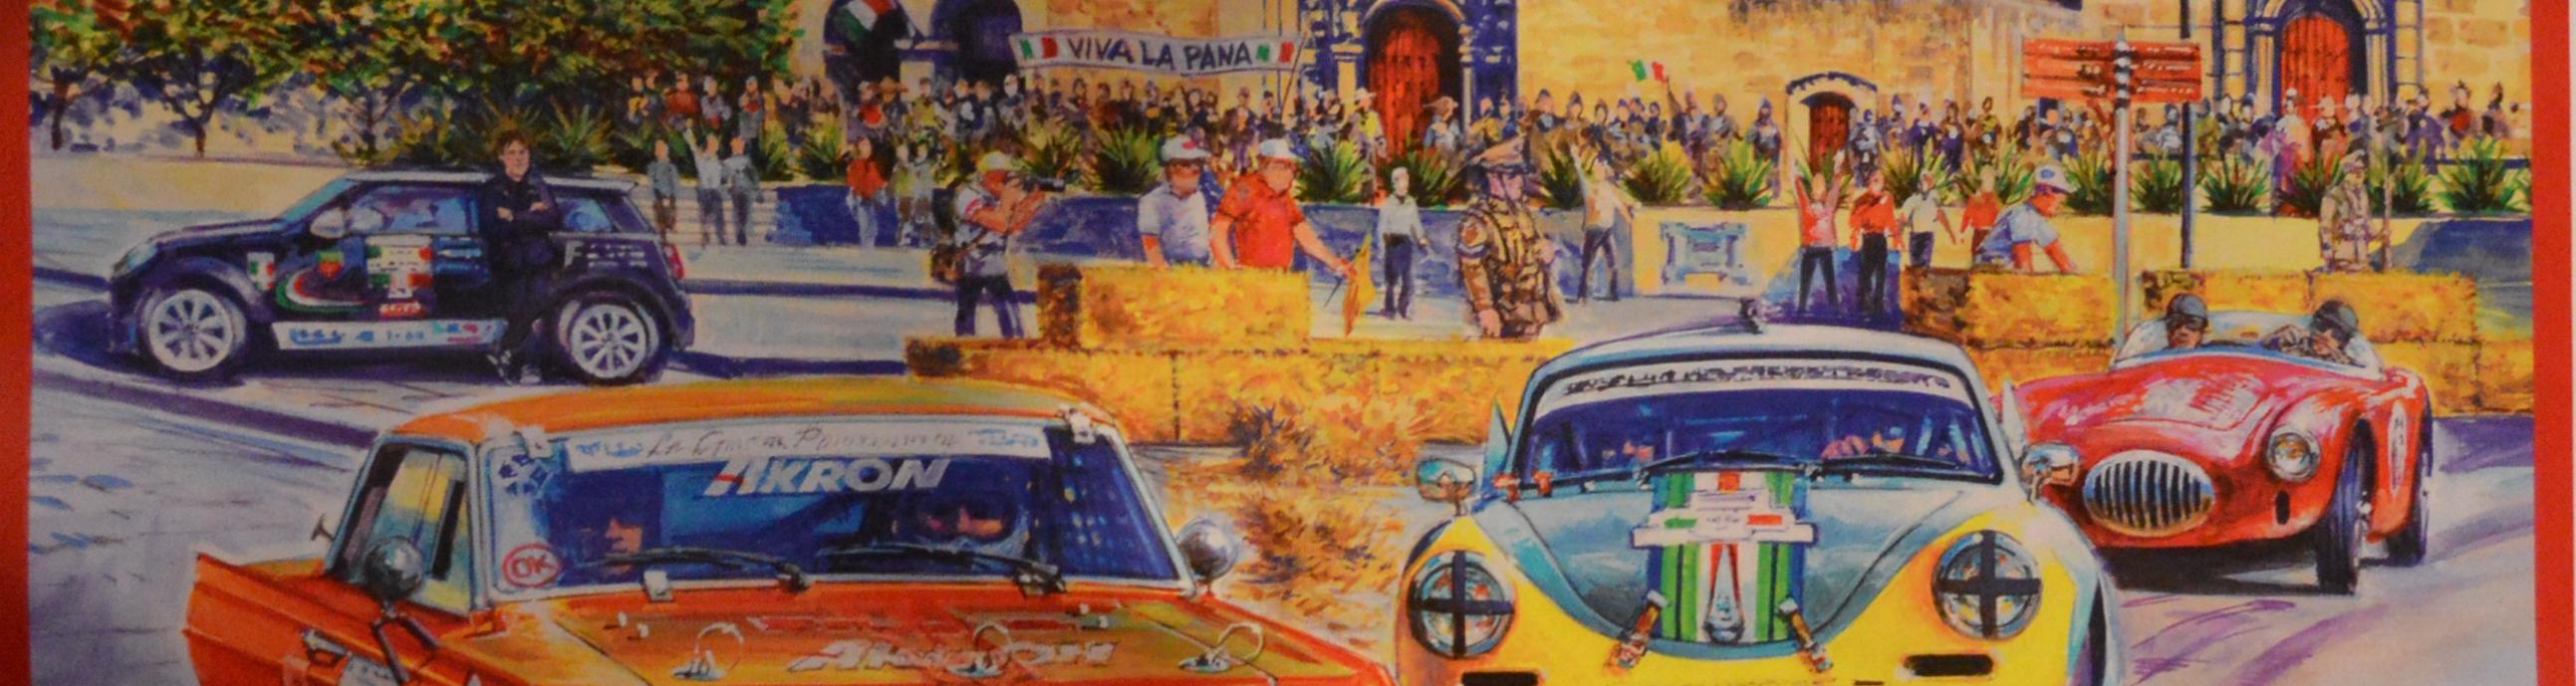 Se presentó la edición 31 de La Carrera Panamericana